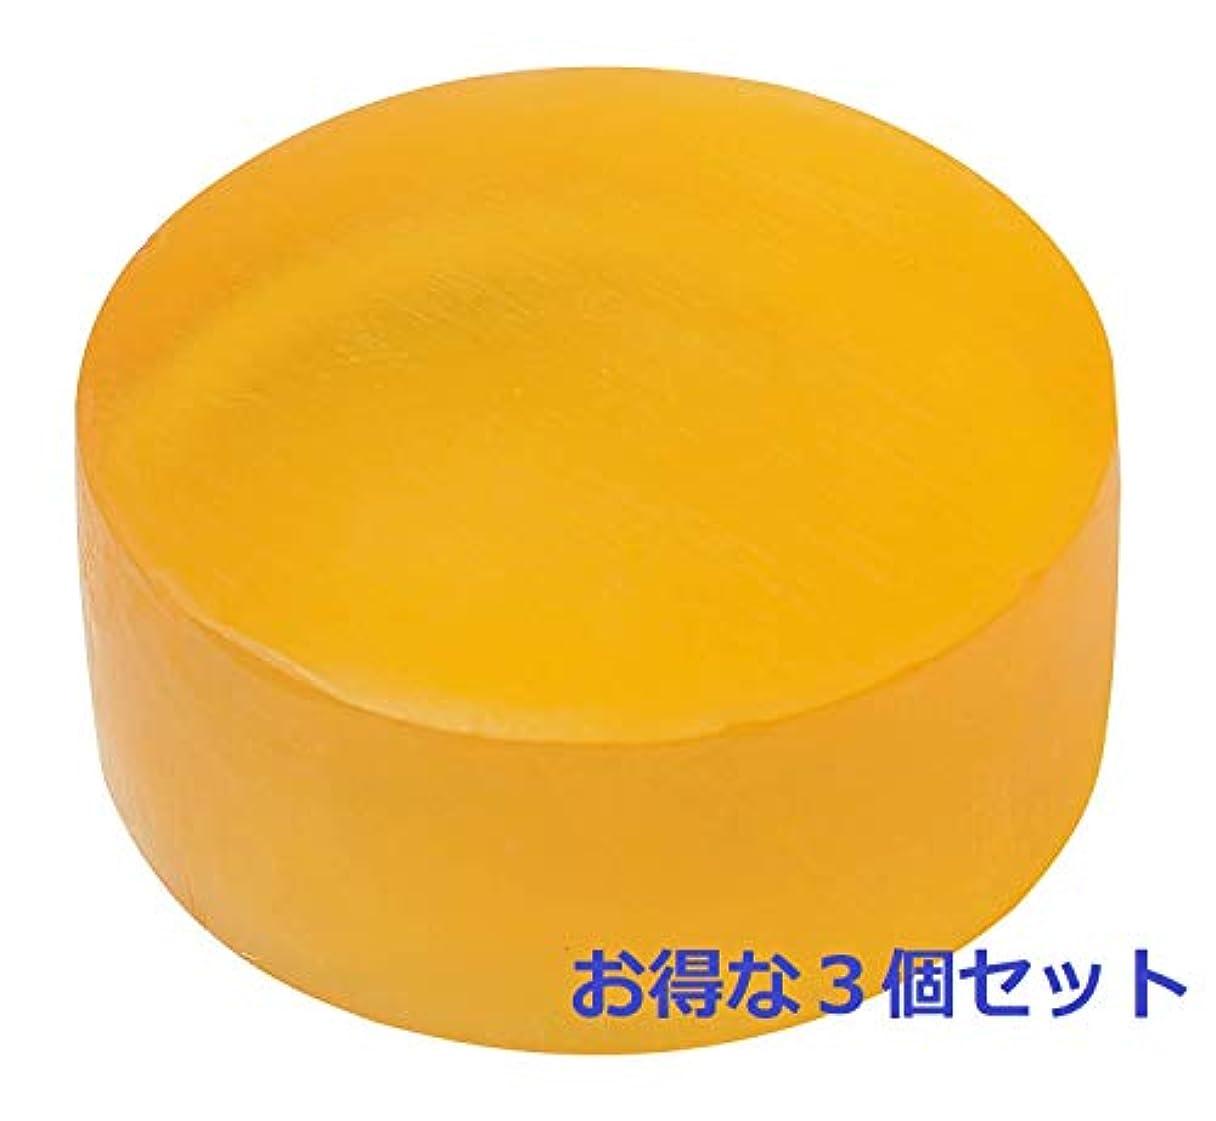 鉄高尚なマットレスプラスリストア クレンジングソープ 熟成 洗顔石鹸 メイク落とし 3個セット